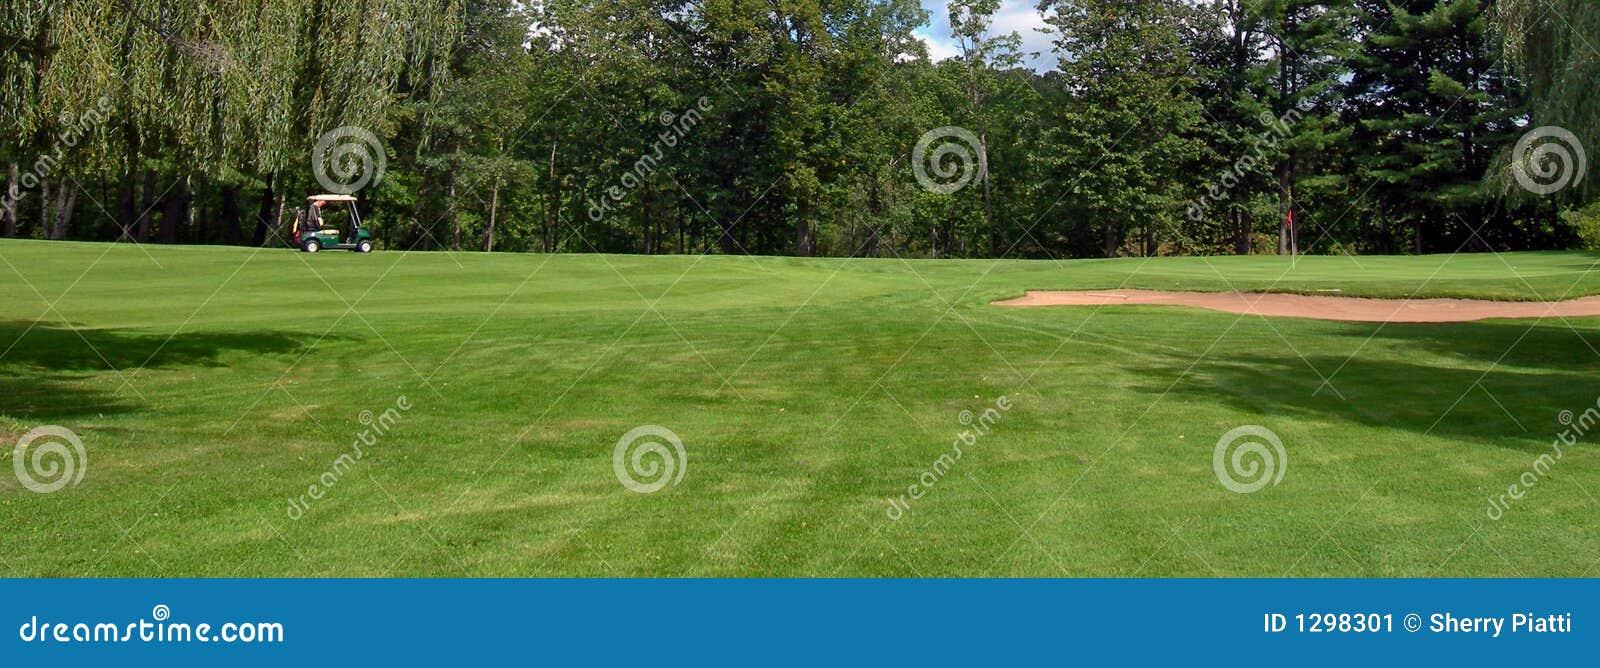 Campo de golf todo a me